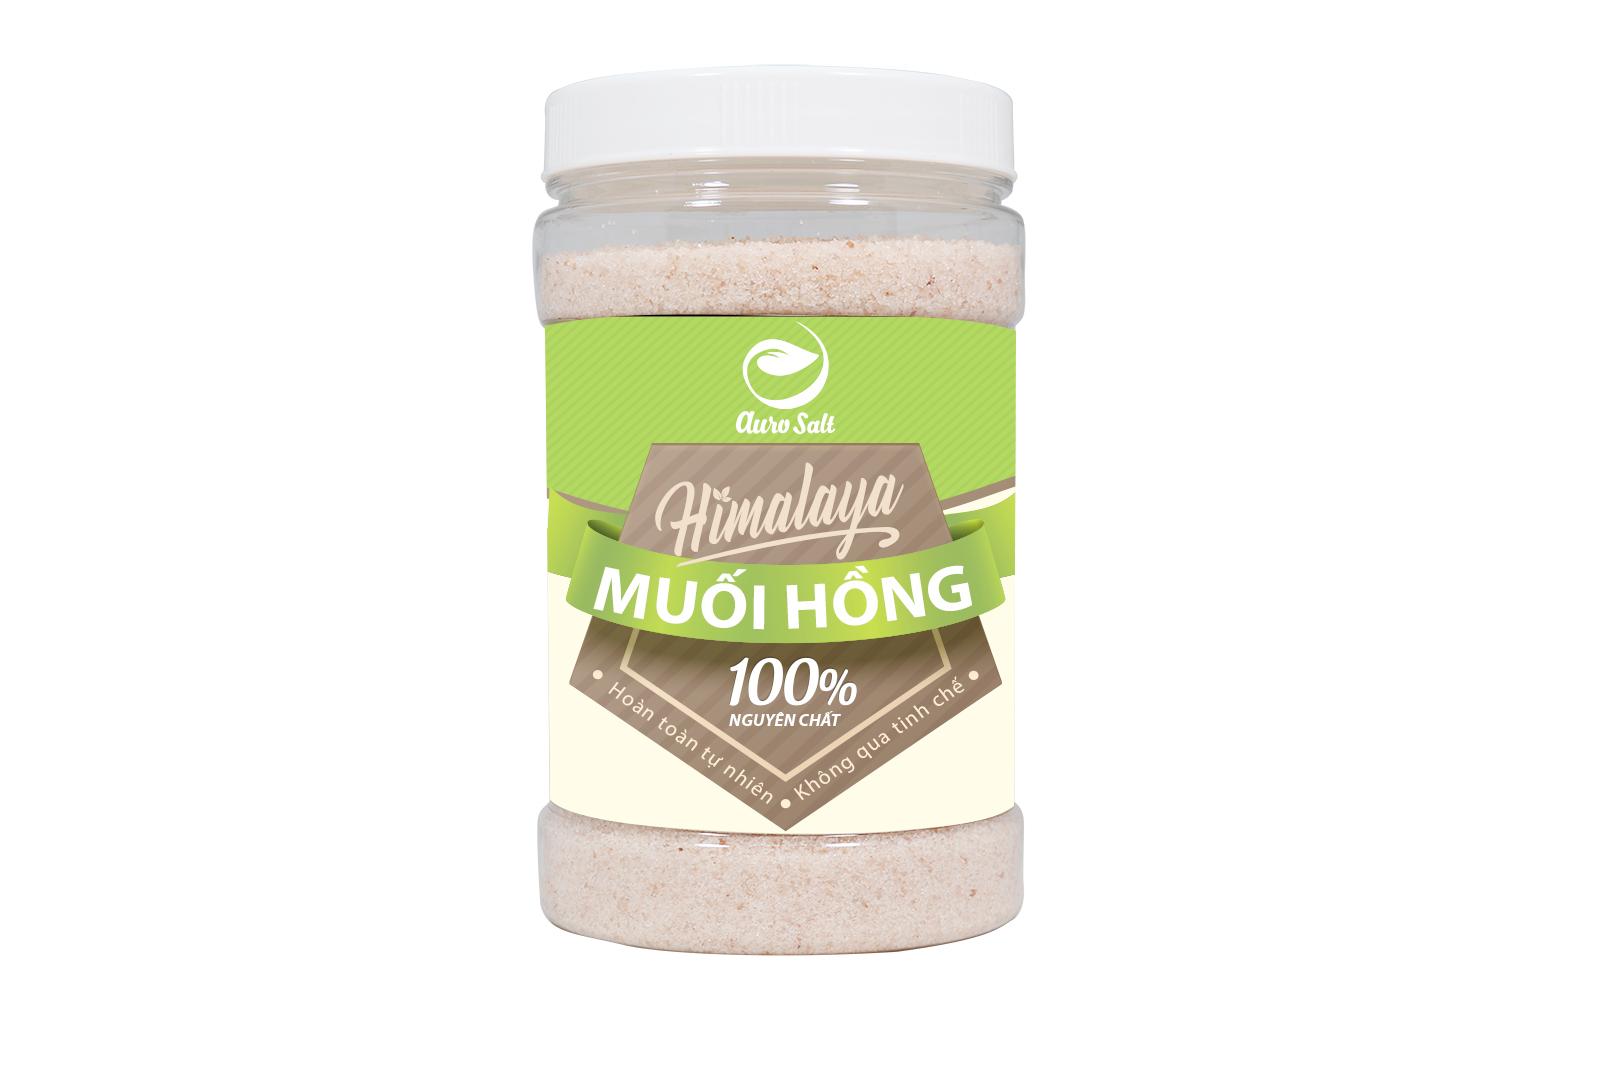 Công dụng bất ngờ từ muối hồng himalaya aurosalt